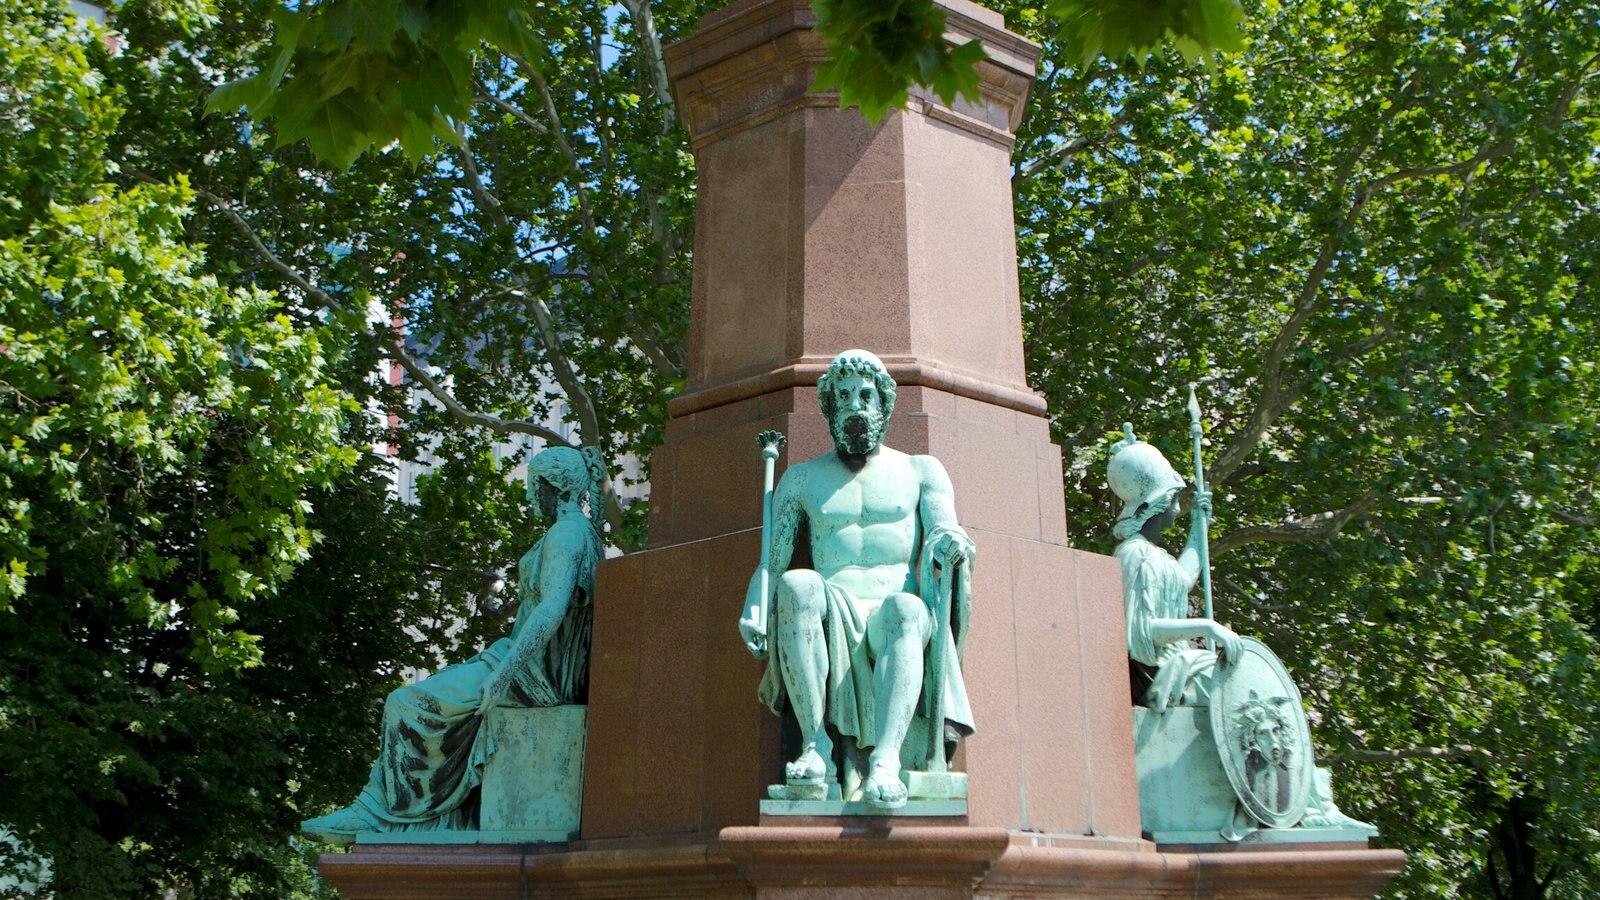 Széchenyi István tér que inclui um monumento e uma estátua ou escultura